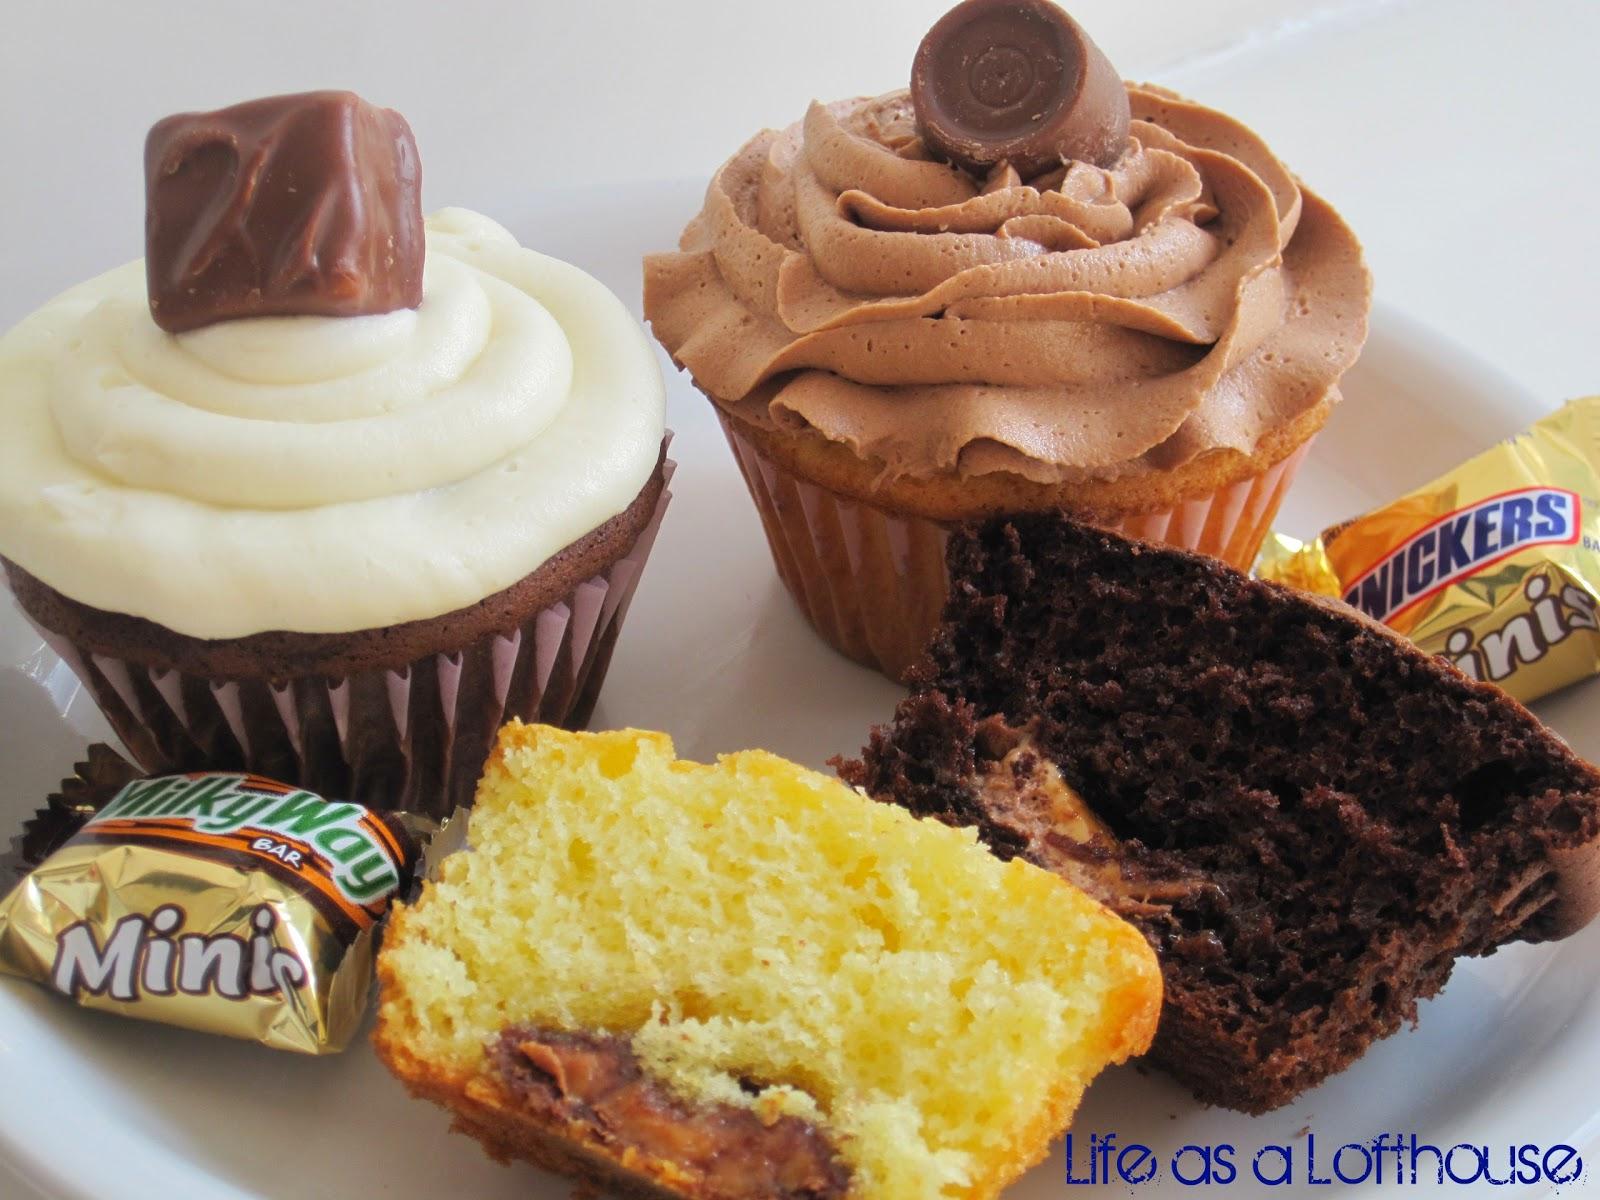 http://1.bp.blogspot.com/_s4x0XfaYCSE/TTxgiyyGeeI/AAAAAAAAAoA/3Qe6JOVmPMo/s1600/1a%2BcandyBAR%2Bcupcakes%2B016.jpg